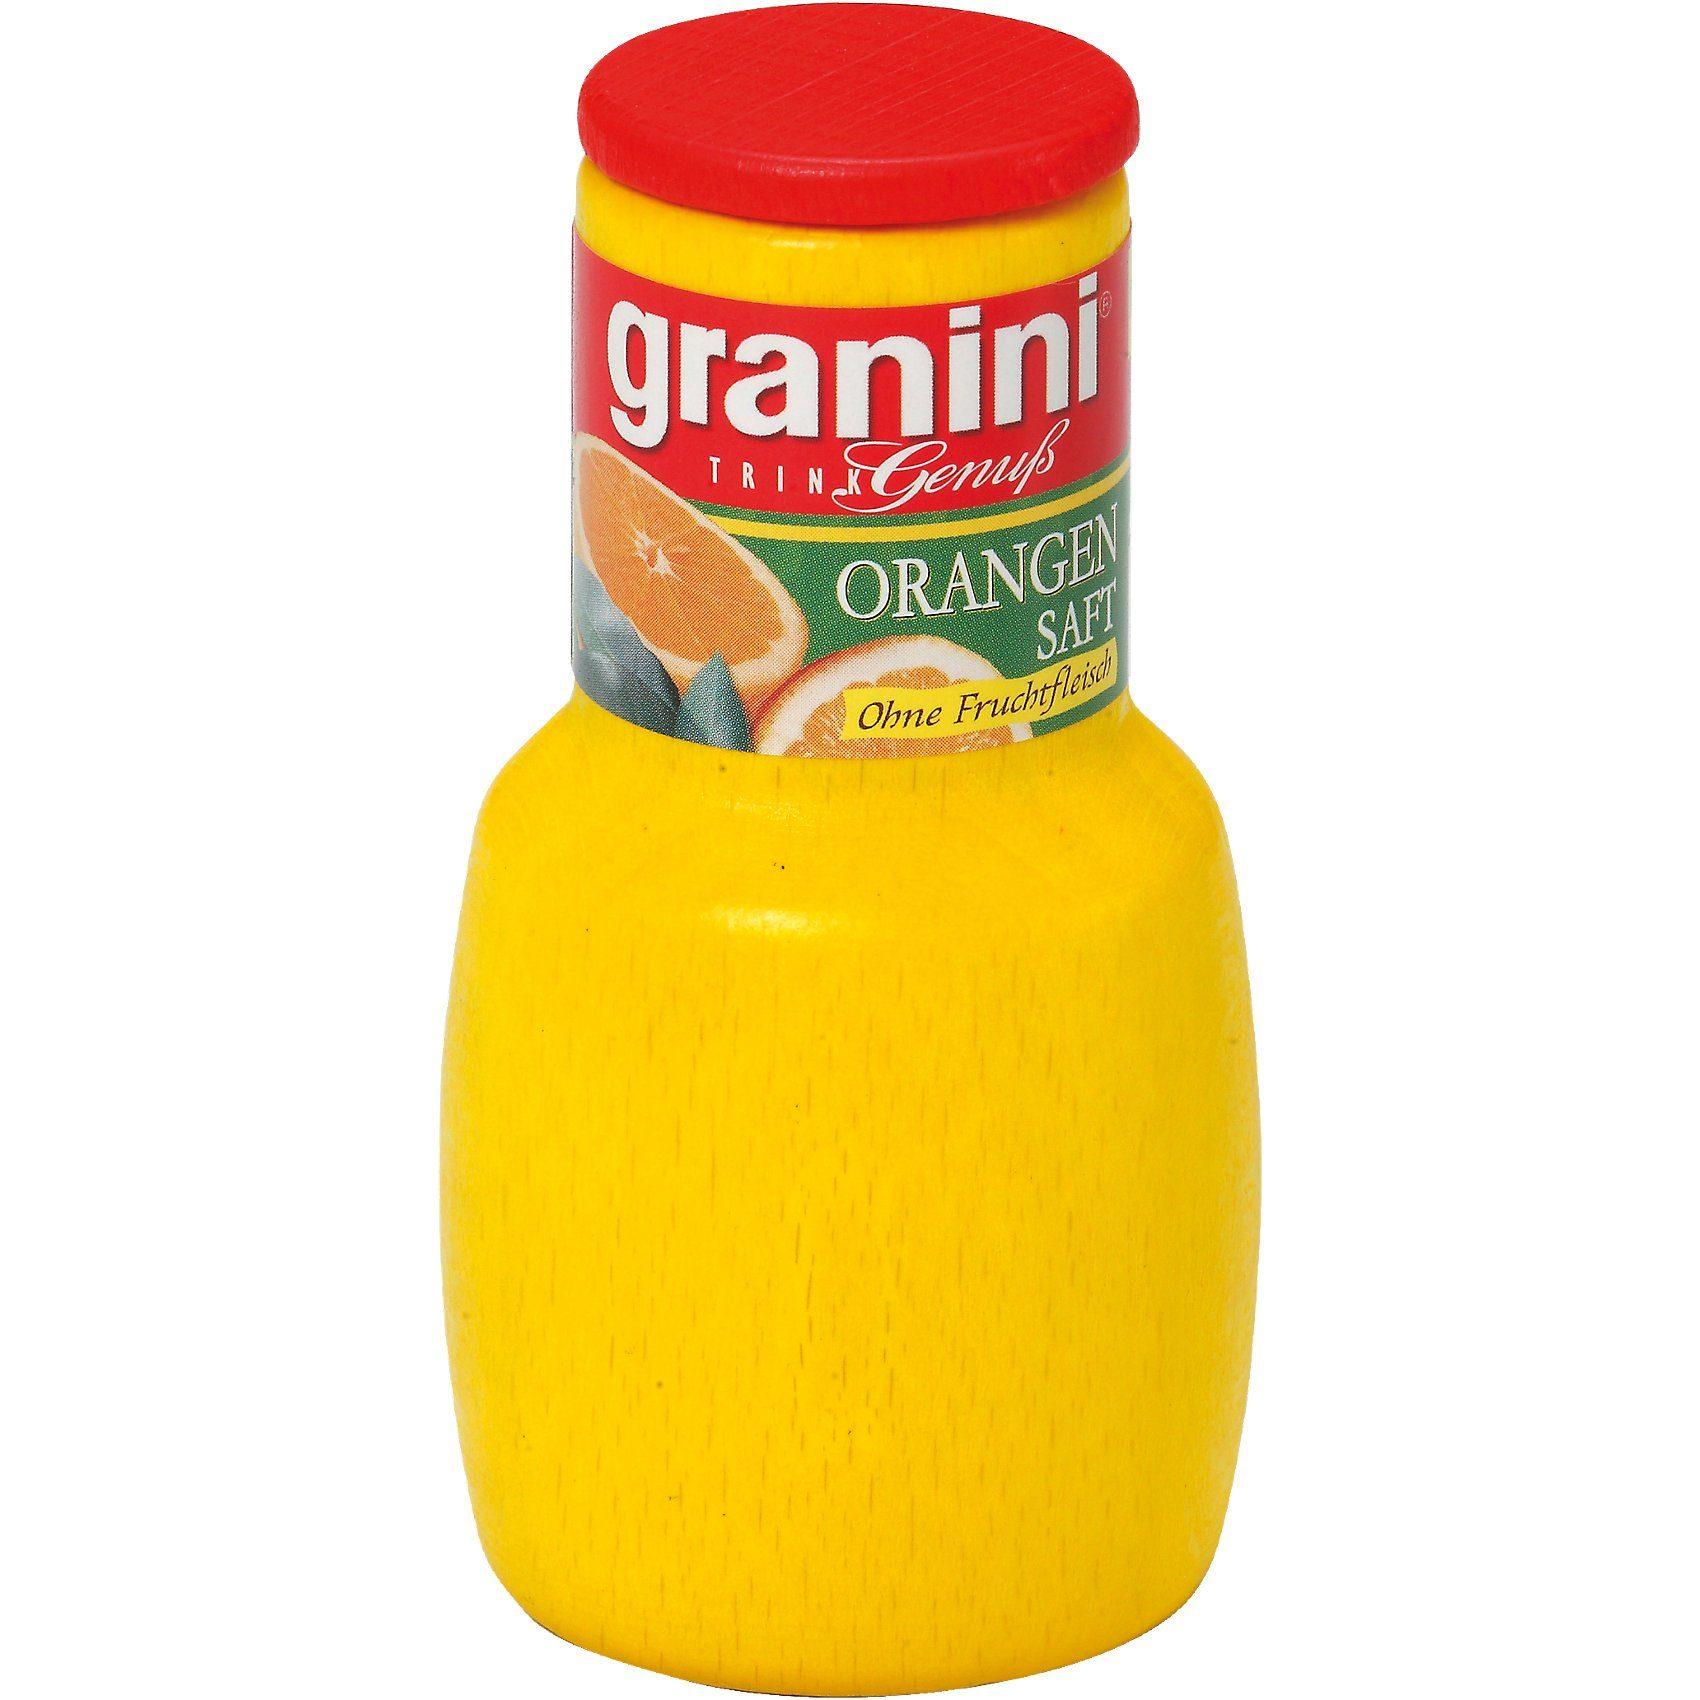 ERZI Spiellebensmittel Orangensaft von Granini